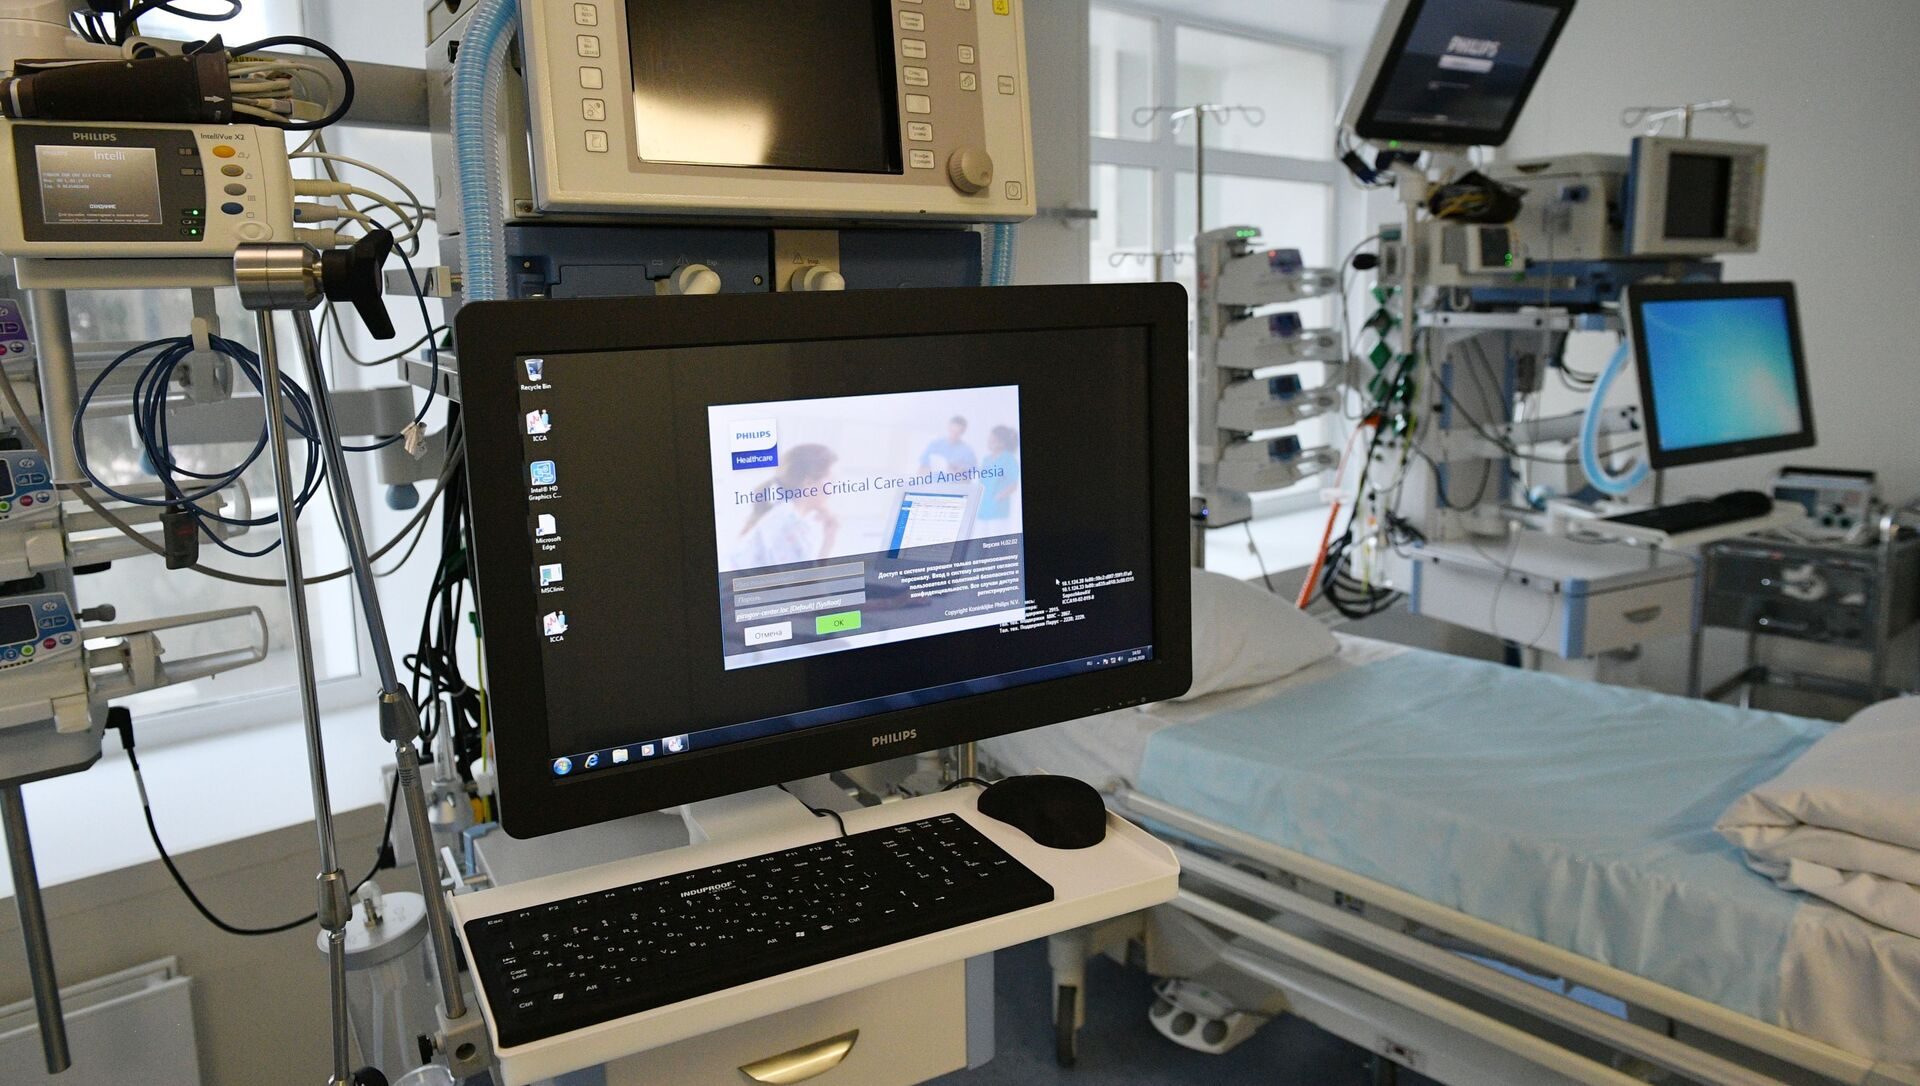 Trong bệnh viện của Trung tâm Quốc gia mang tên Pirogov, được lập ra để tiếp nhận bệnh nhân COVID - Sputnik Việt Nam, 1920, 07.07.2021